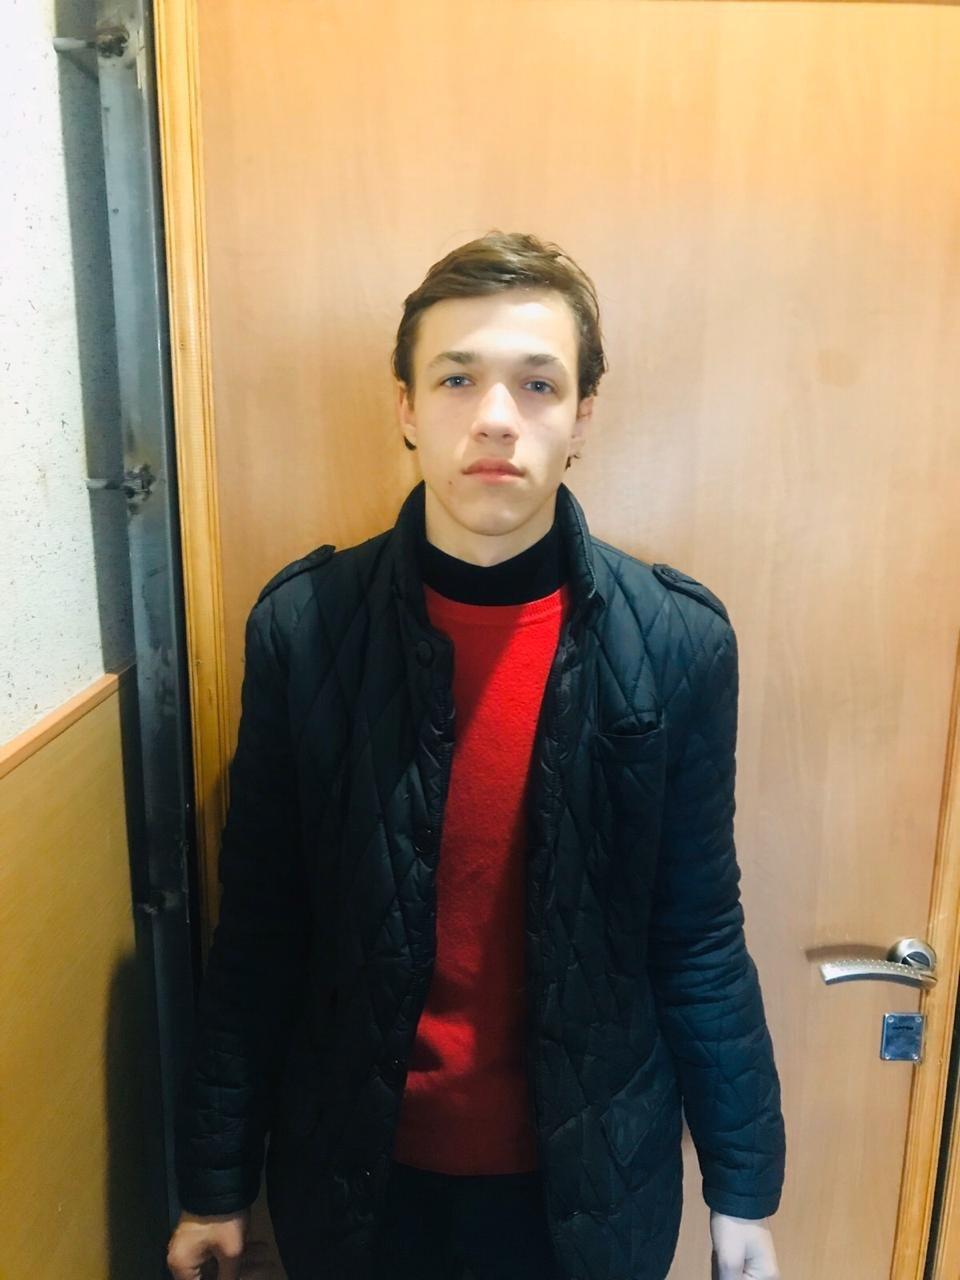 Переночевал в церкве и ушёл: в Днепре ищут 16-летнего парня, - ФОТО, фото-1